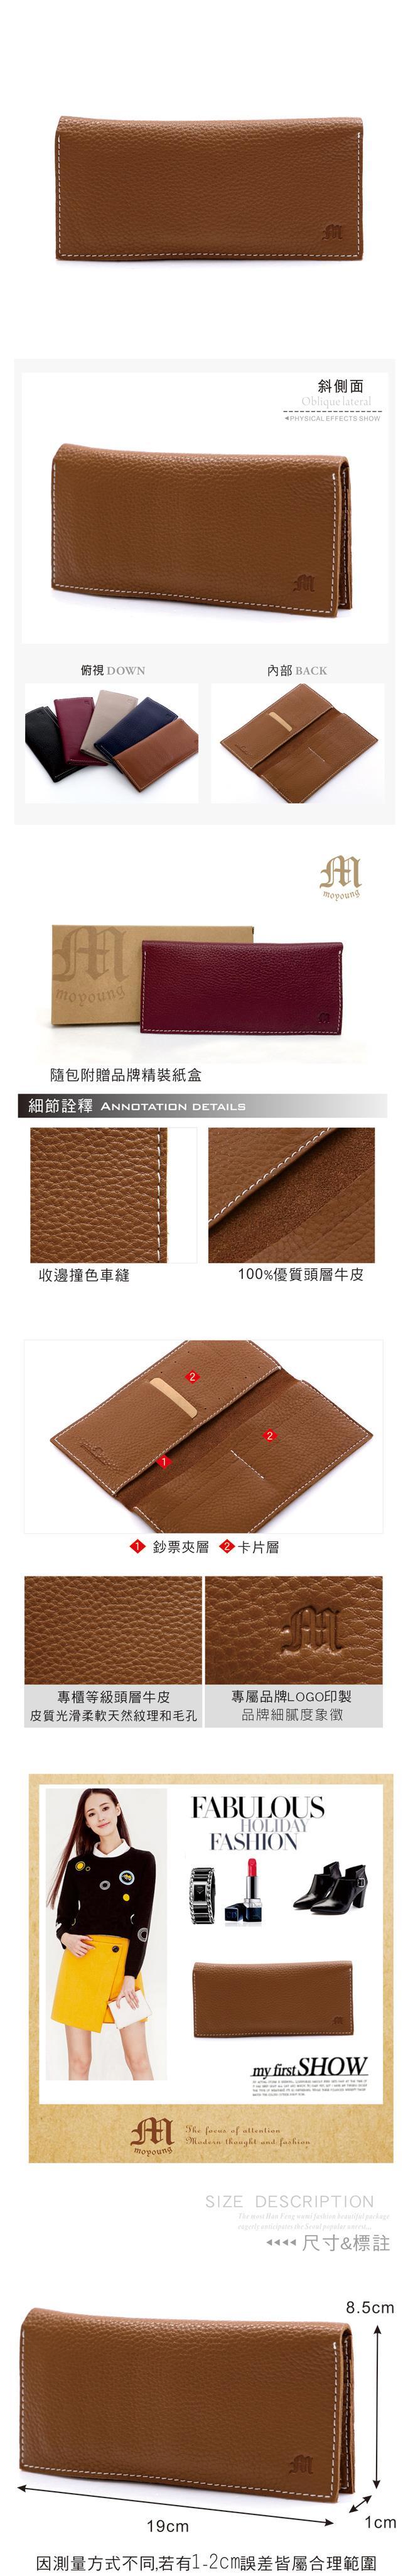 Moyoung 自然手感頭層牛皮長夾 胡桃棕